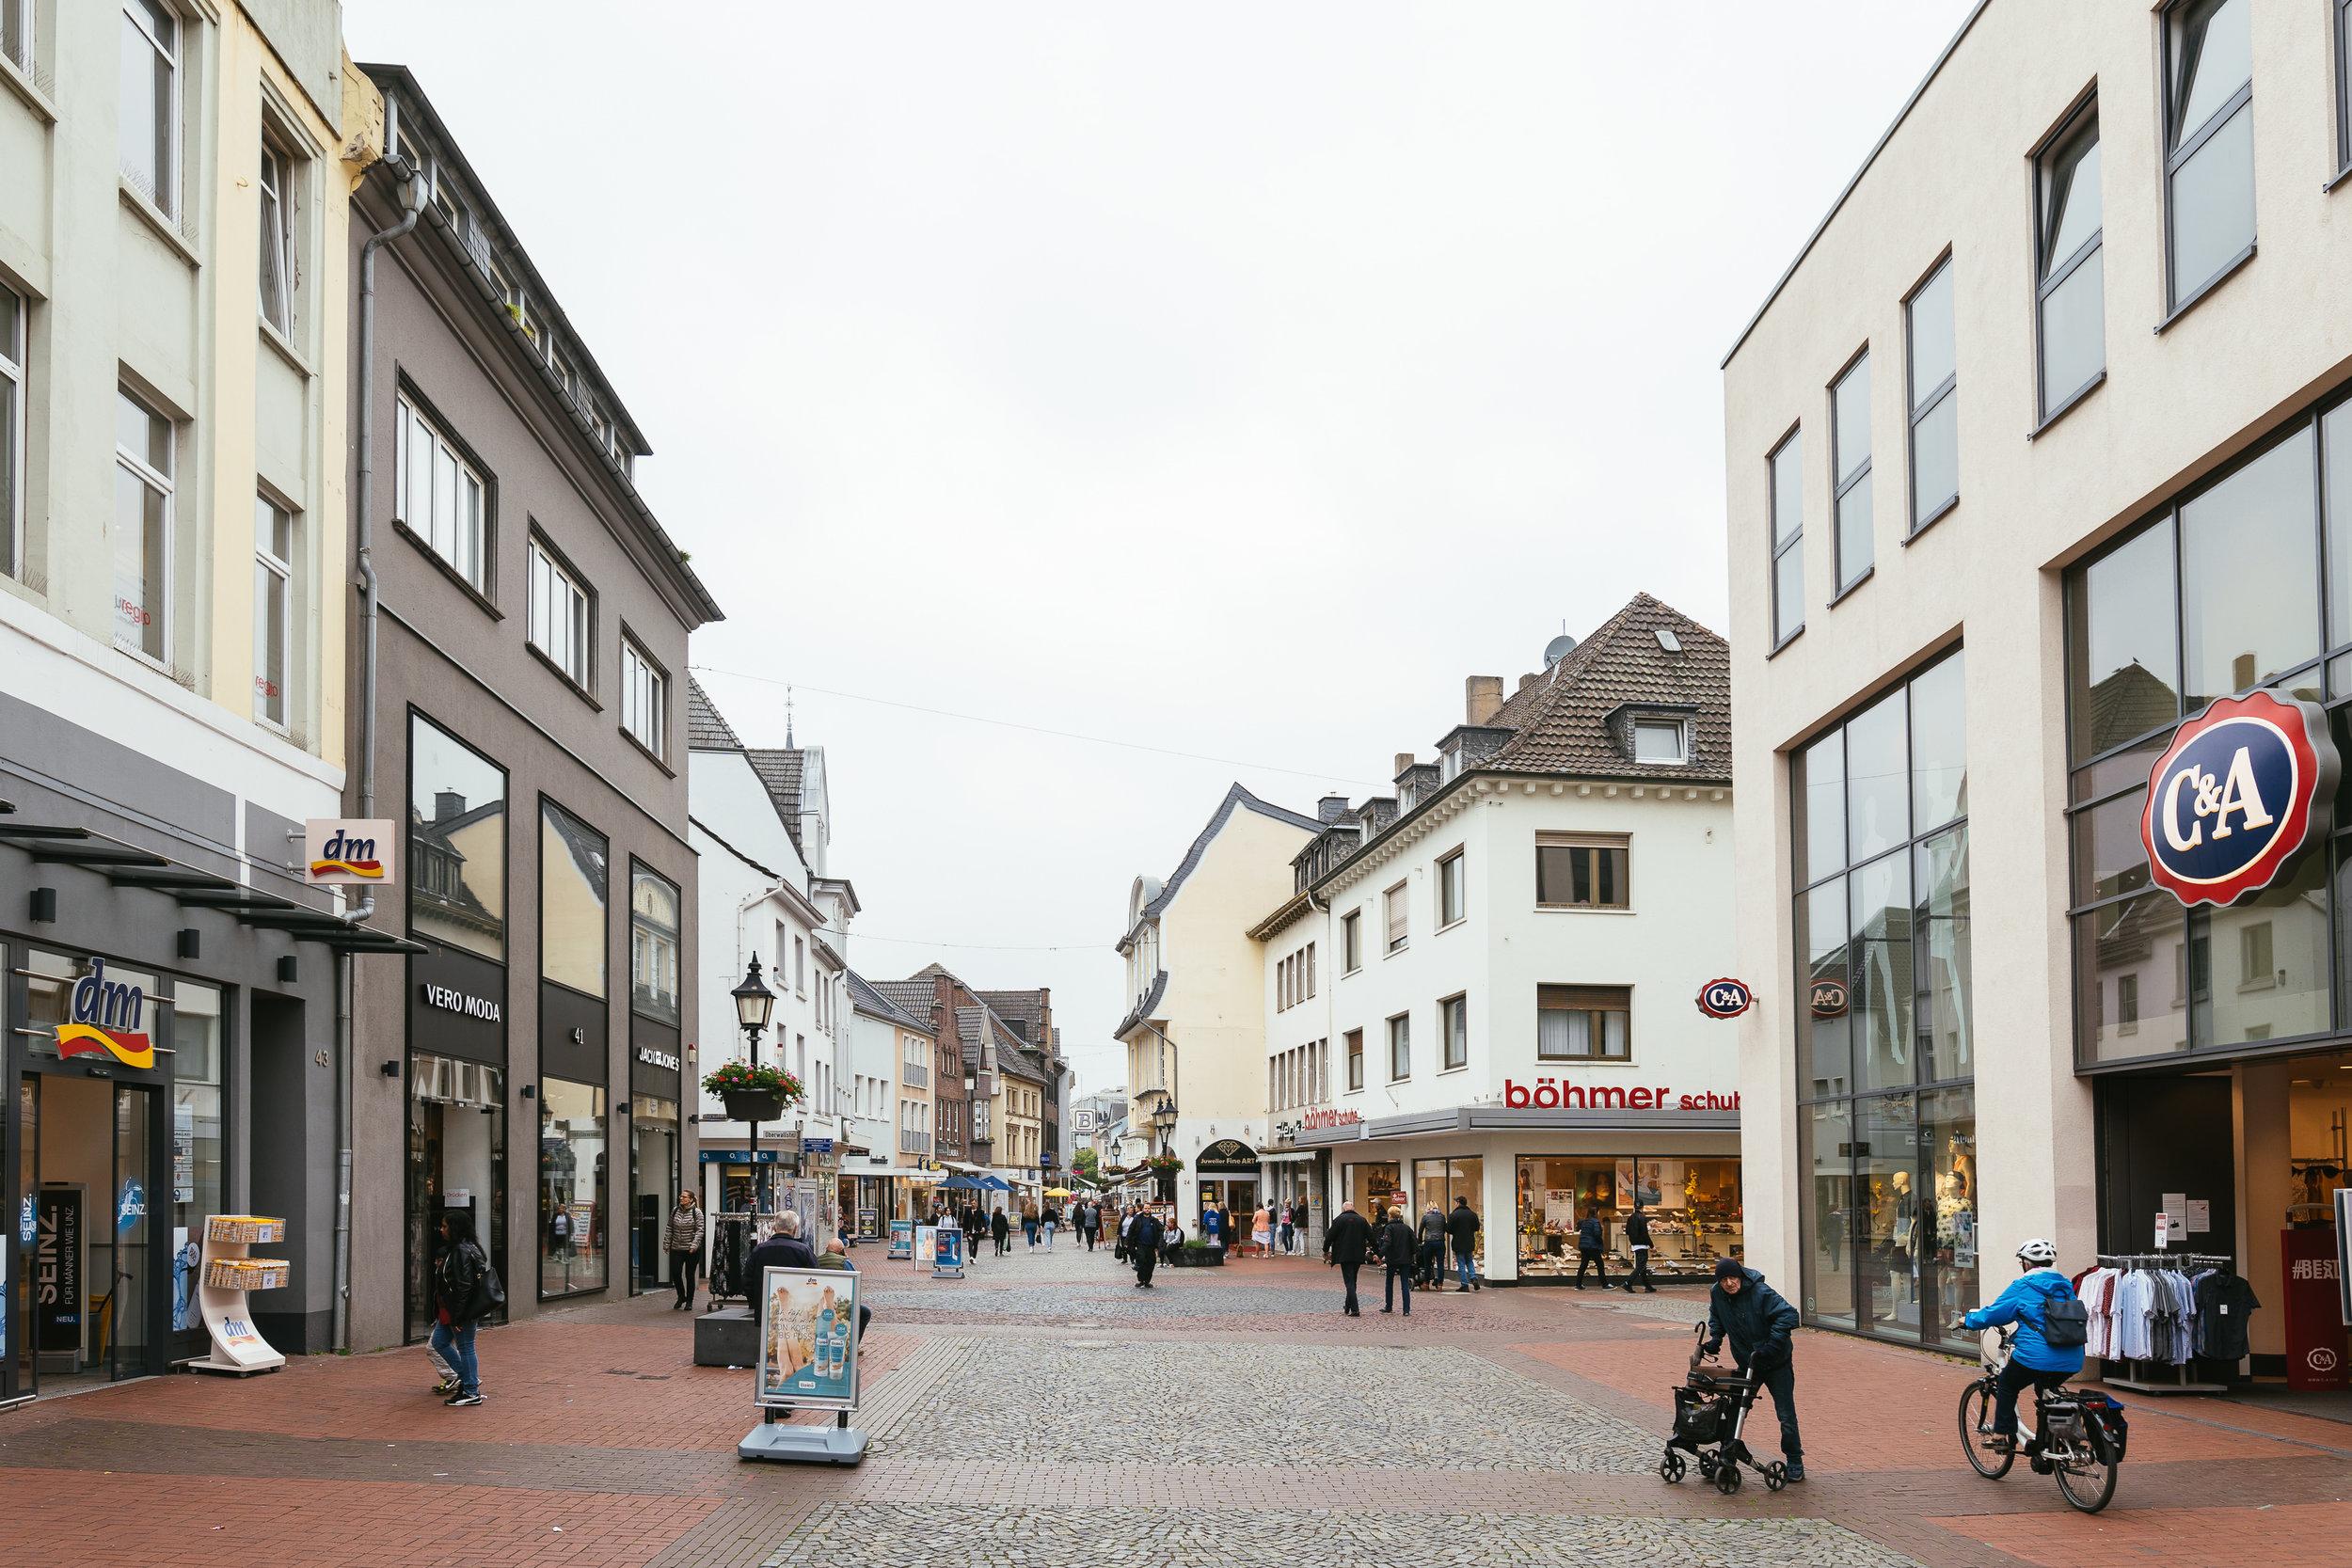 Flanieren und Spazieren - in der historischen Altstadt!